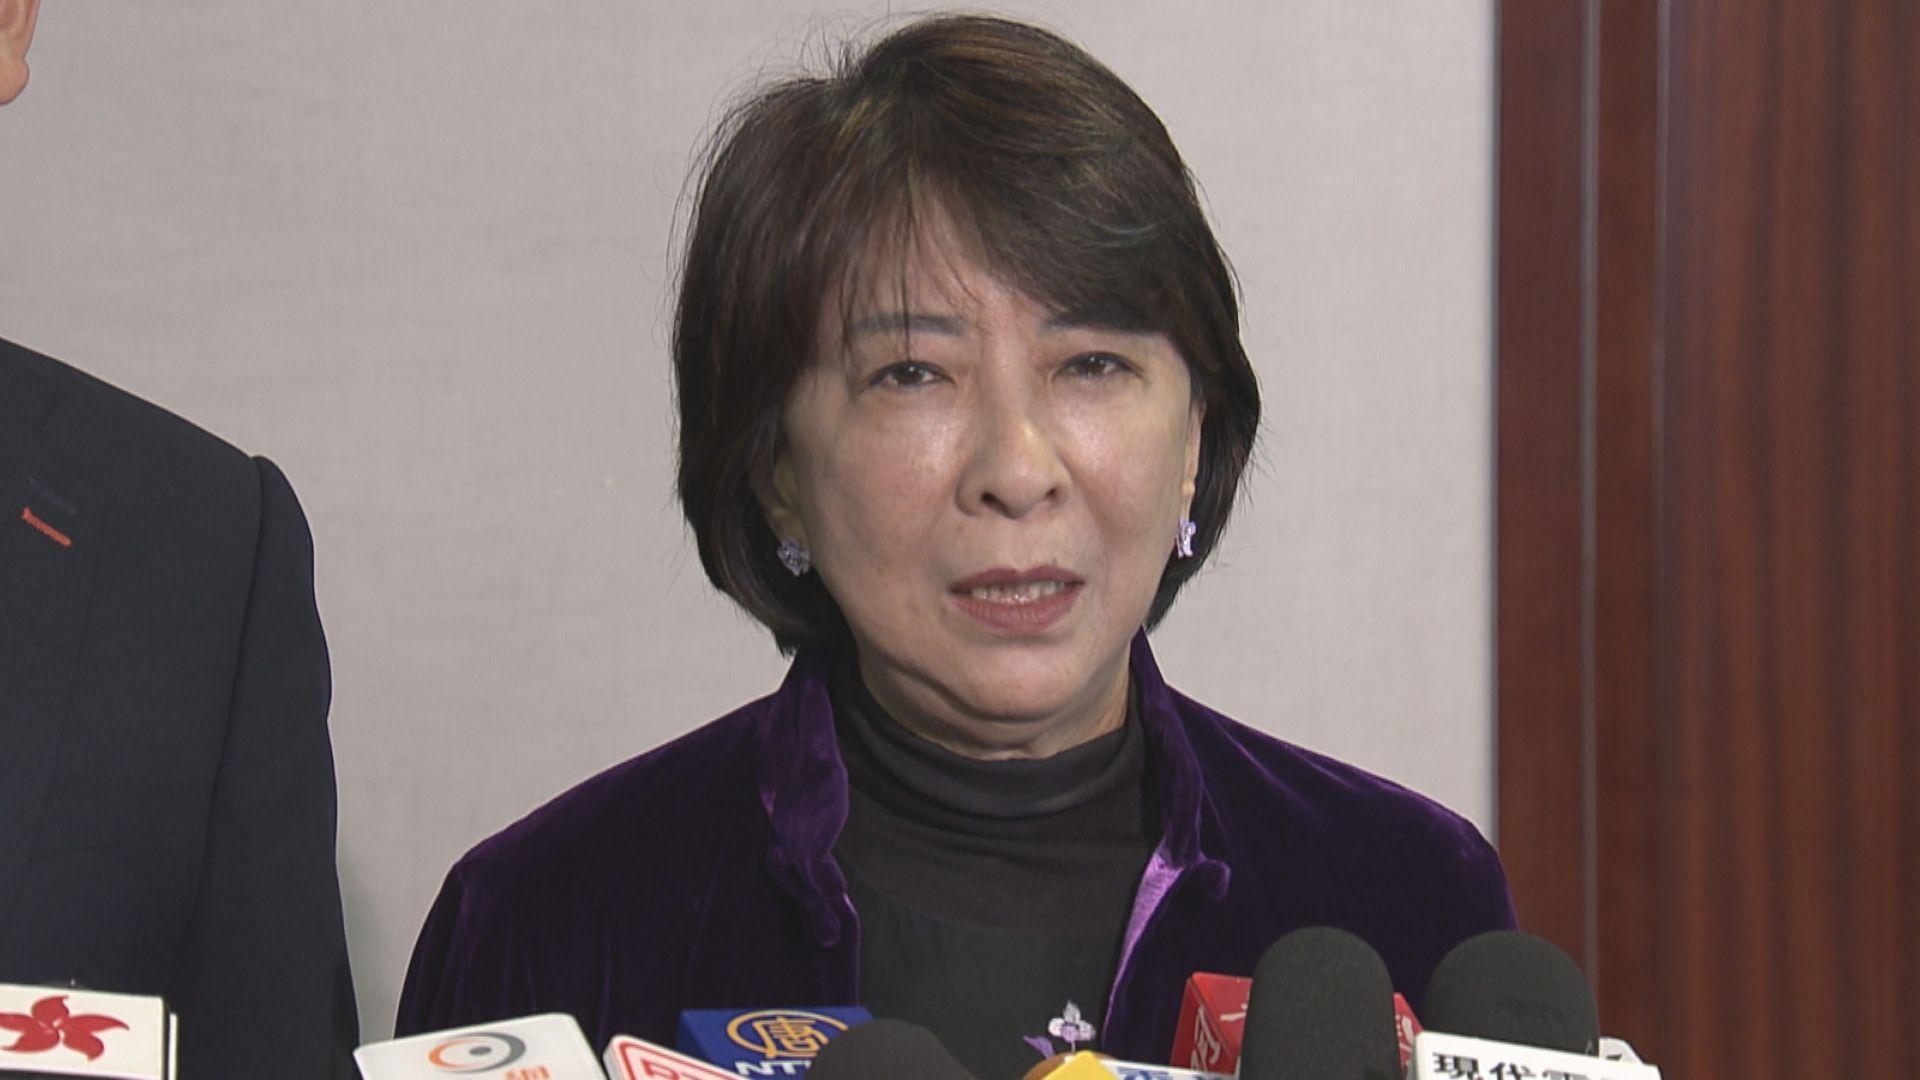 蔣麗芸:加強宣傳後政府可考慮是否重推修例